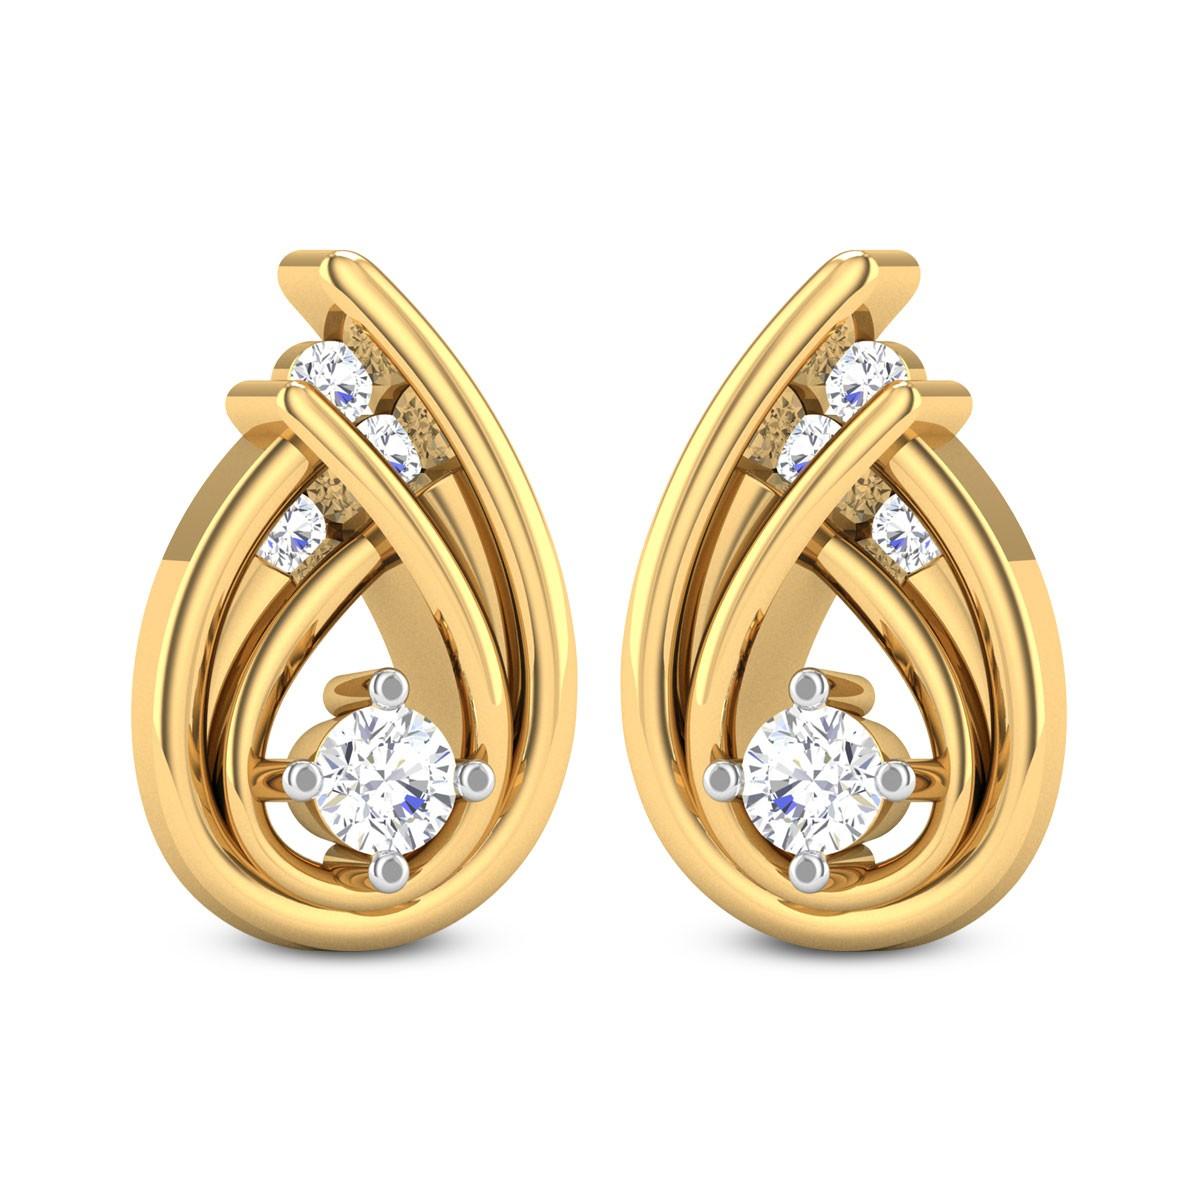 Sloan Diamond Stud Earrings